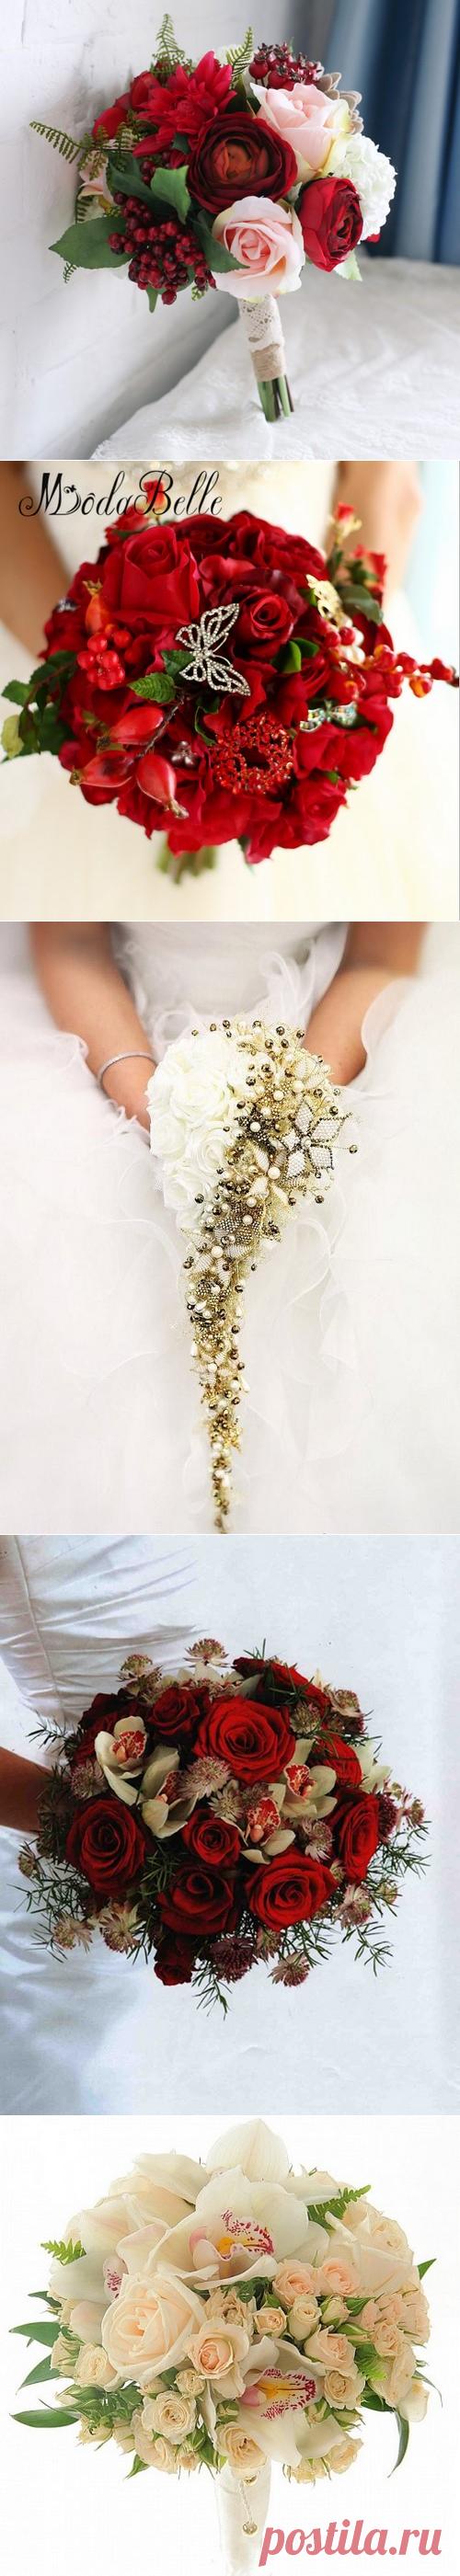 Какой свадебный букет сделать - фото идеи, красивые свадебные букеты для невесты - примеры